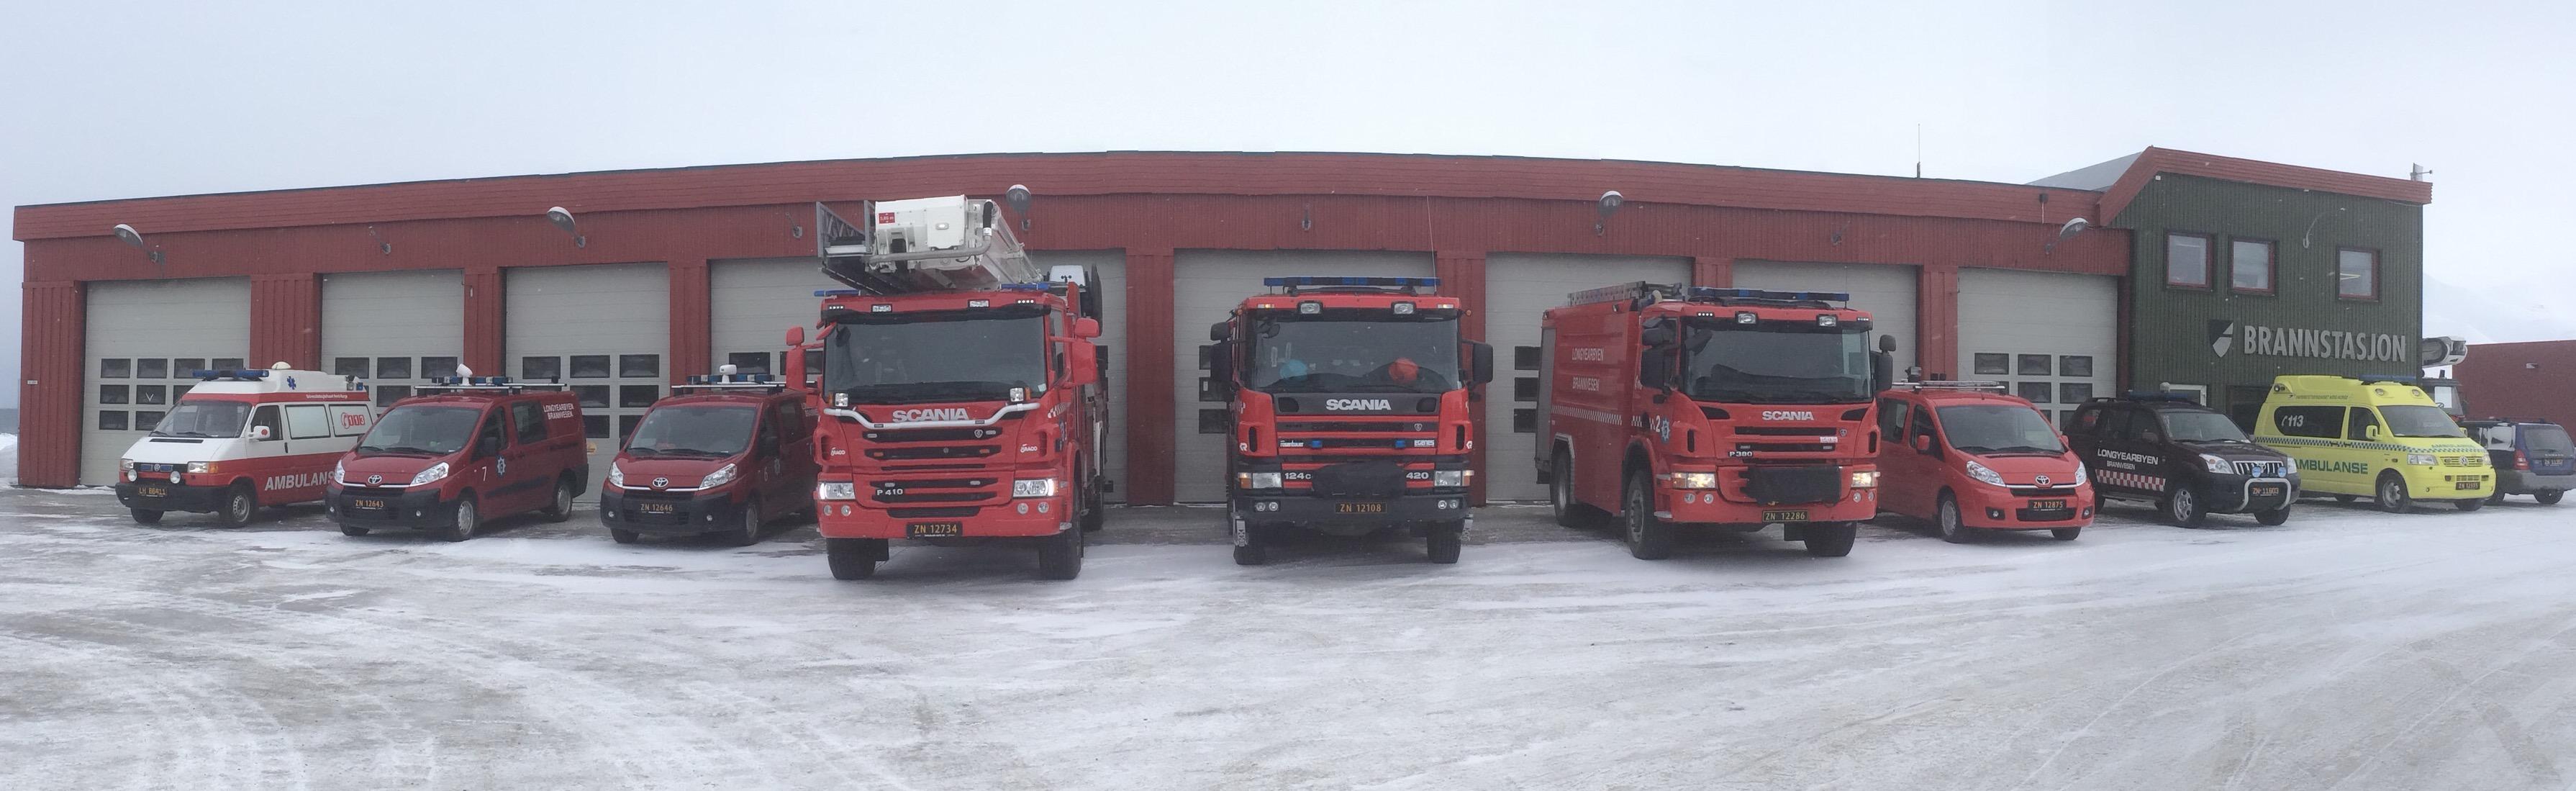 Brann og redning kjøretøy